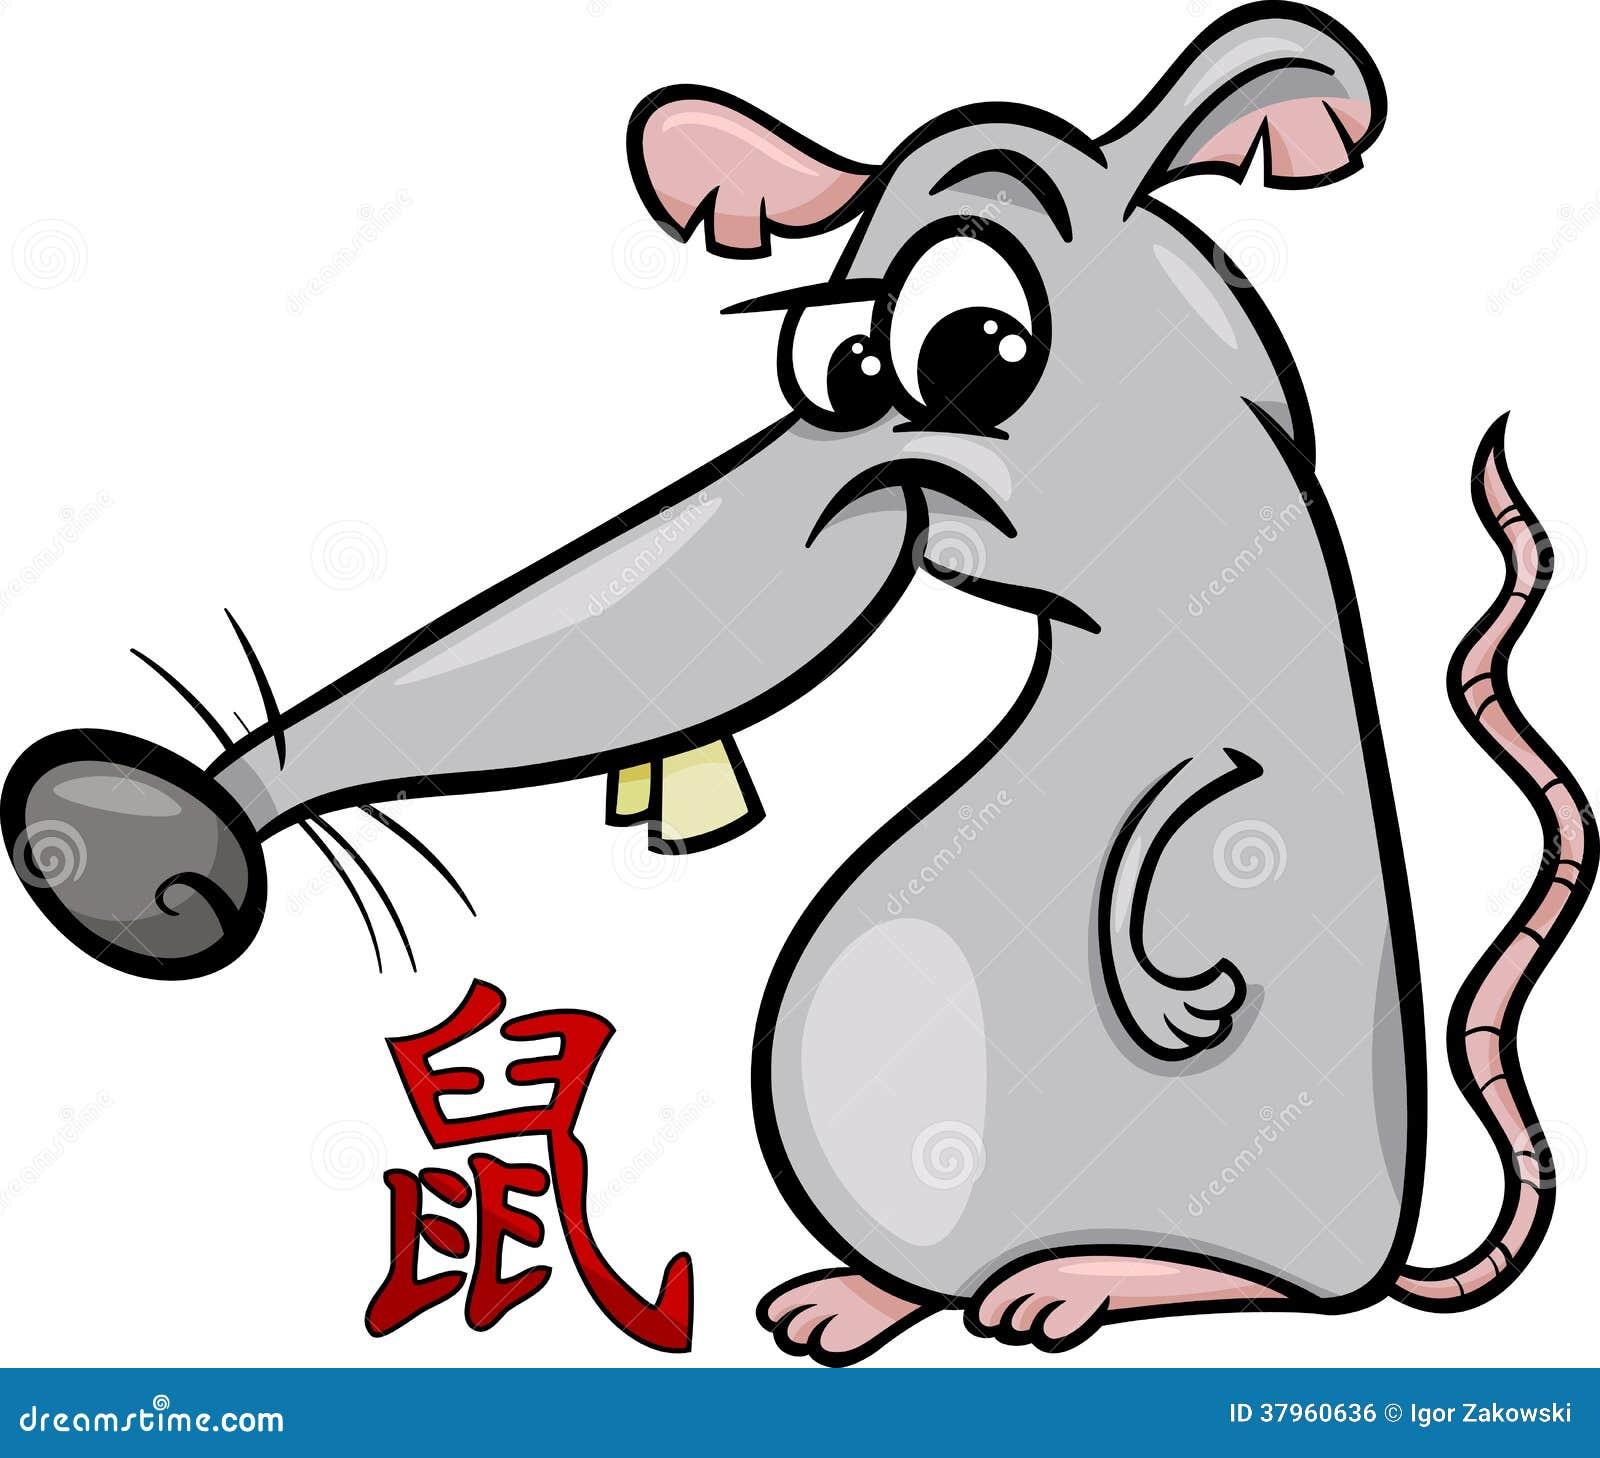 Rat Chinese Zodiac Horoscope Sign Royalty Free Stock Image - Image ...